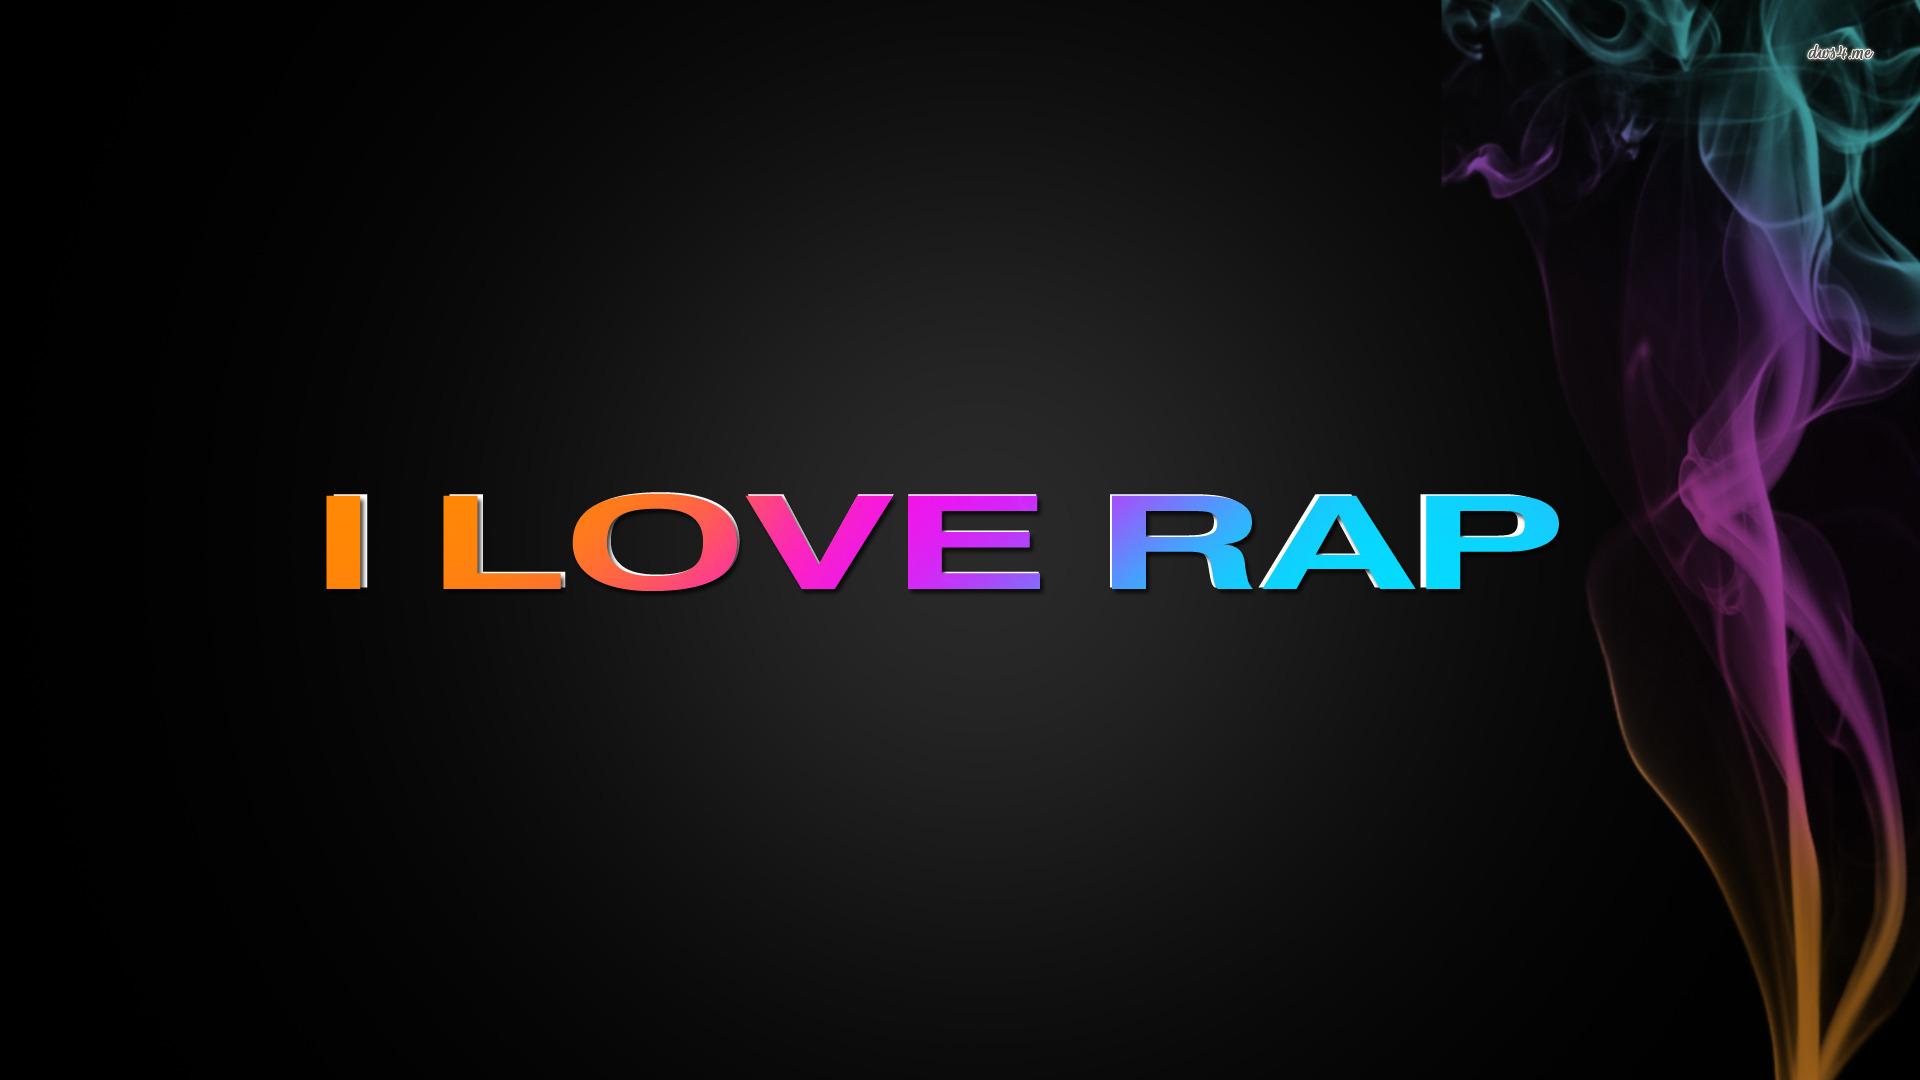 Love Rap wallpaper 1280x800 I Love Rap wallpaper 1366x768 I Love Rap 1920x1080